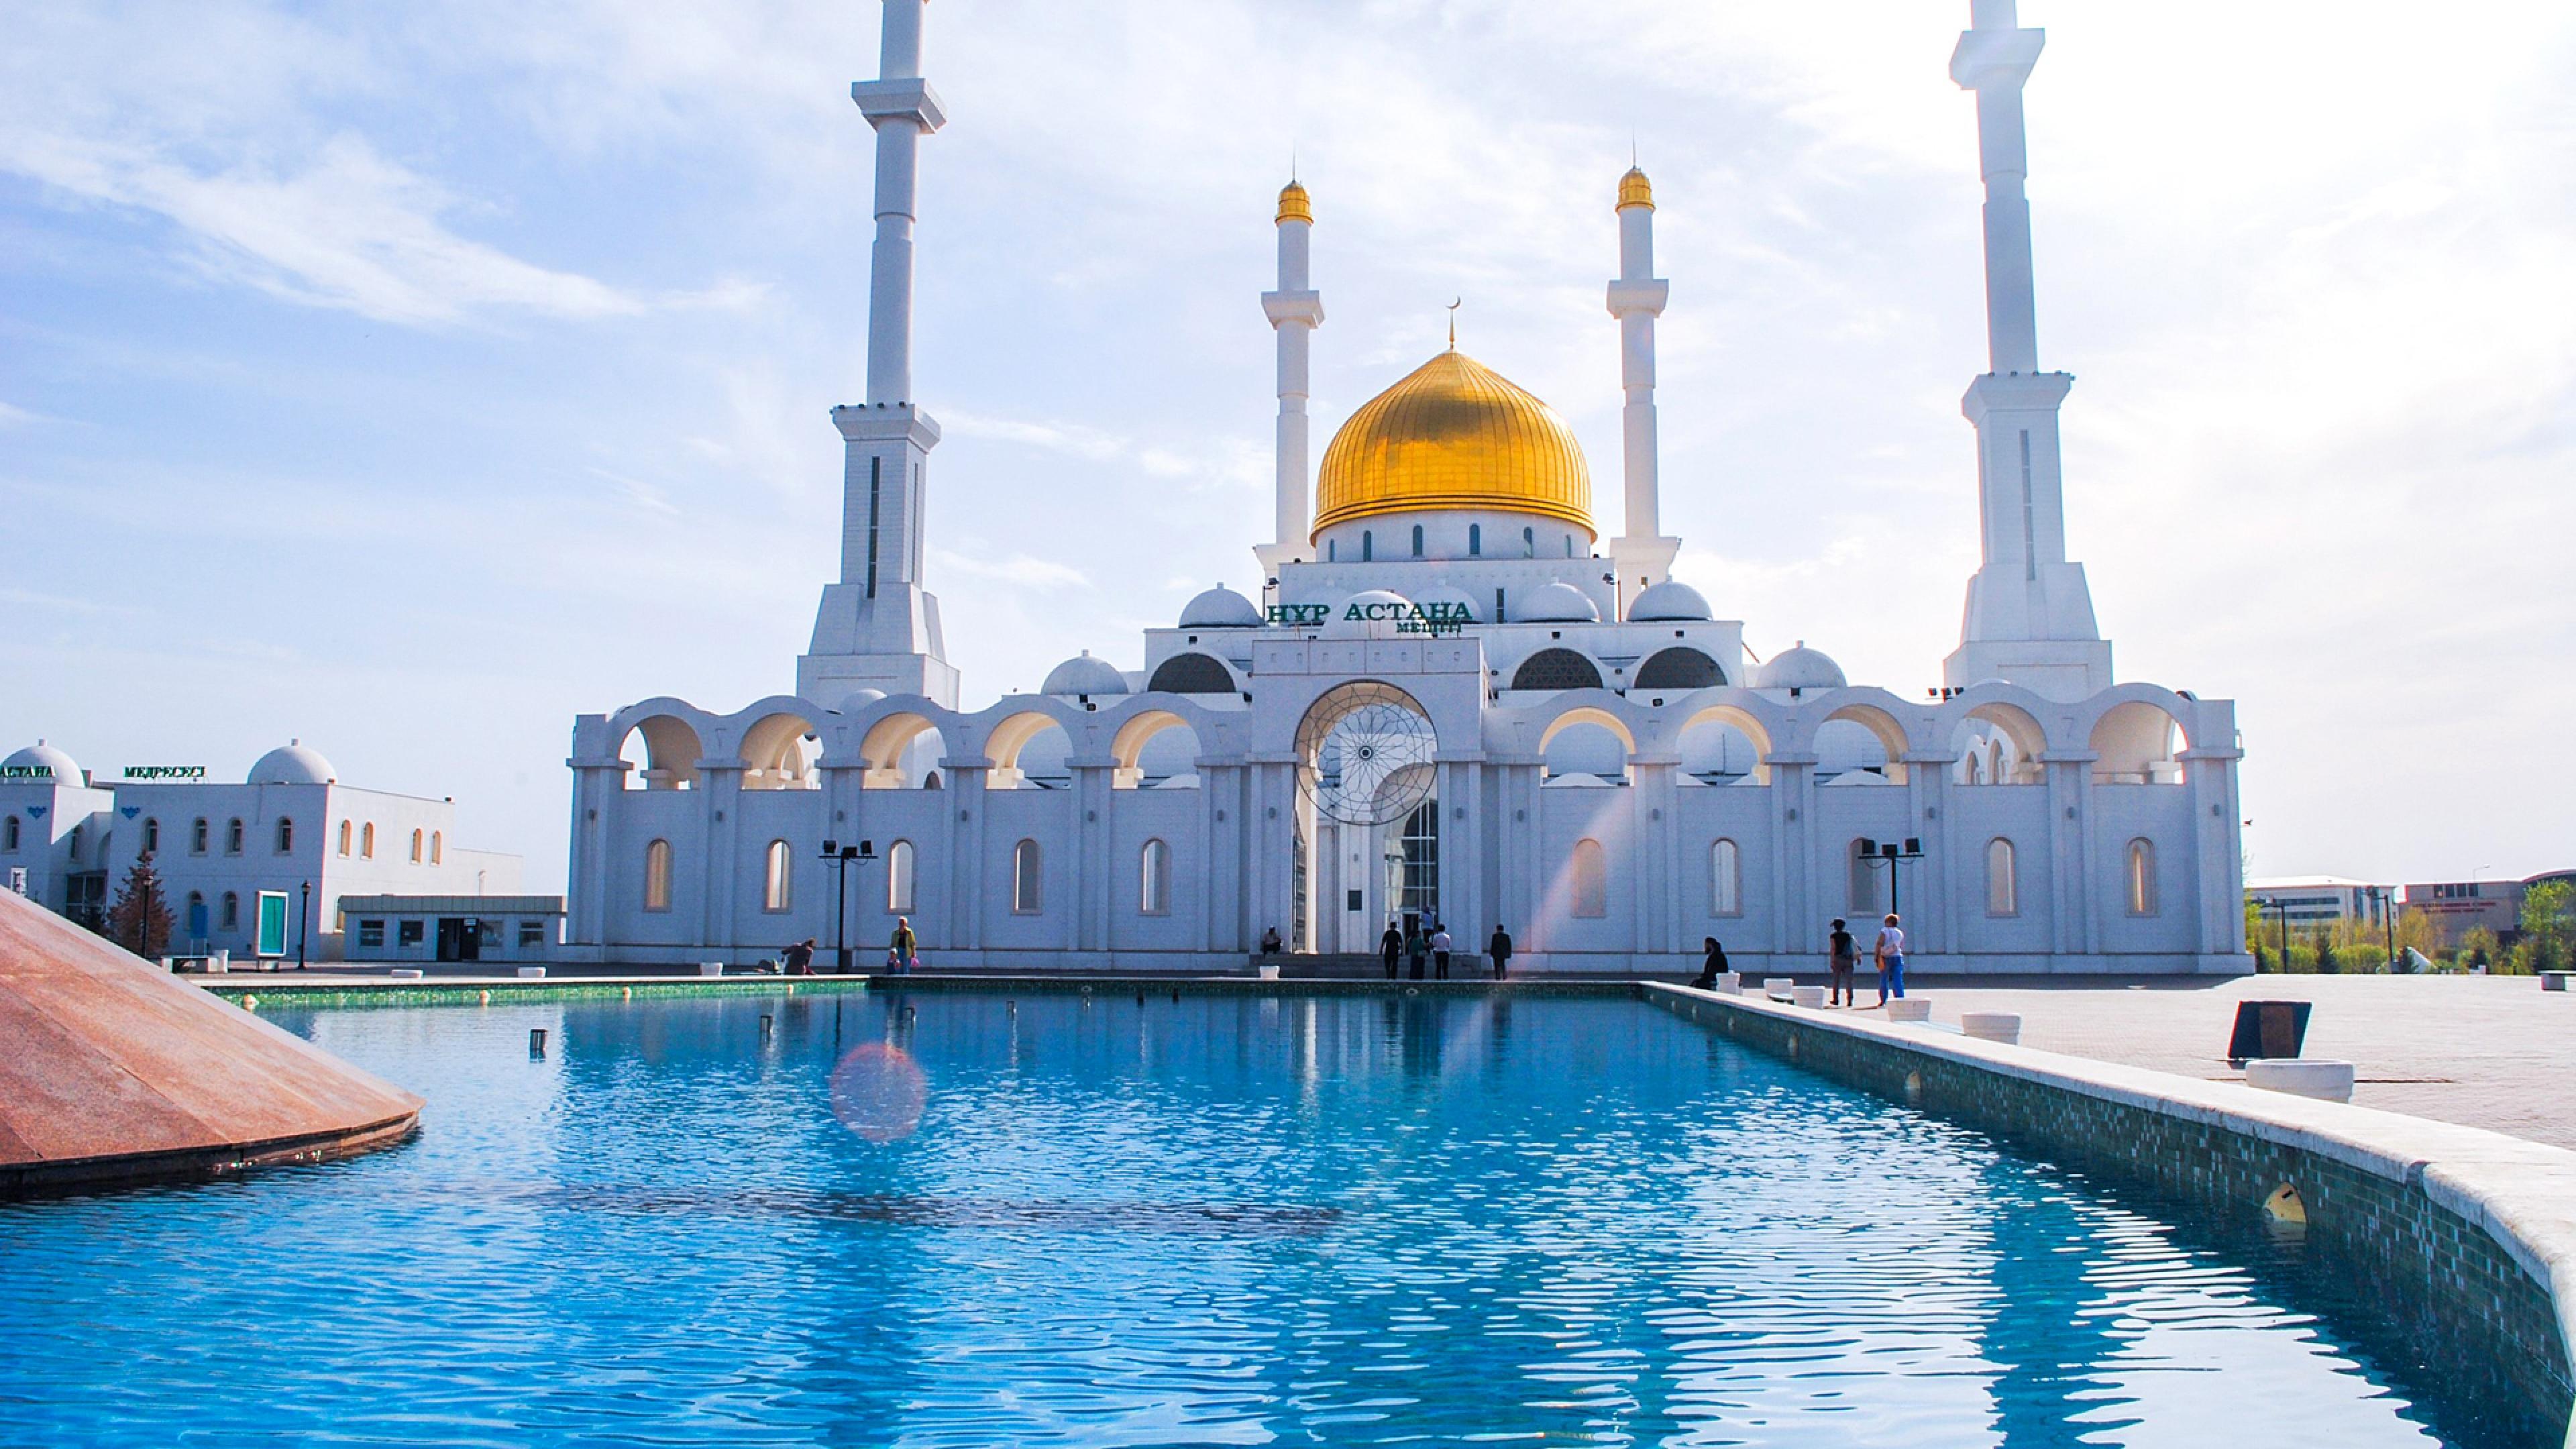 astana mosque minaret kazaksthan 1538068972 - Astana Mosque Minaret Kazaksthan - world wallpapers, mosque wallpapers